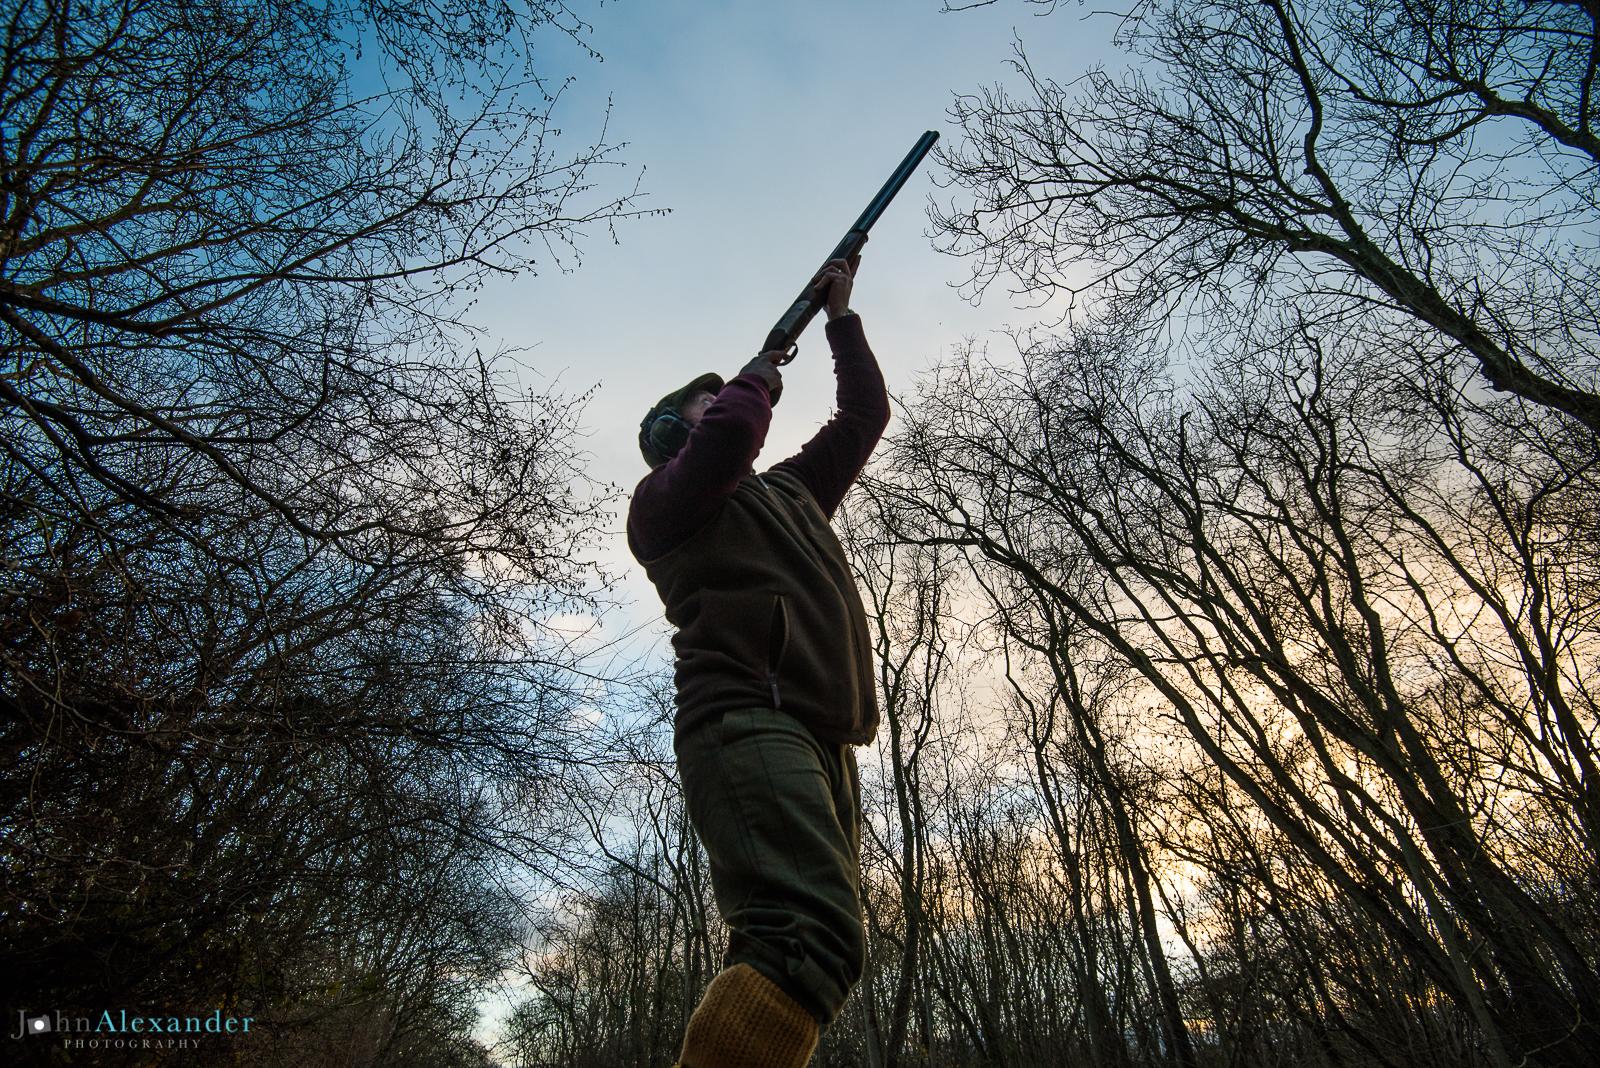 gun shooting in the woods in winter